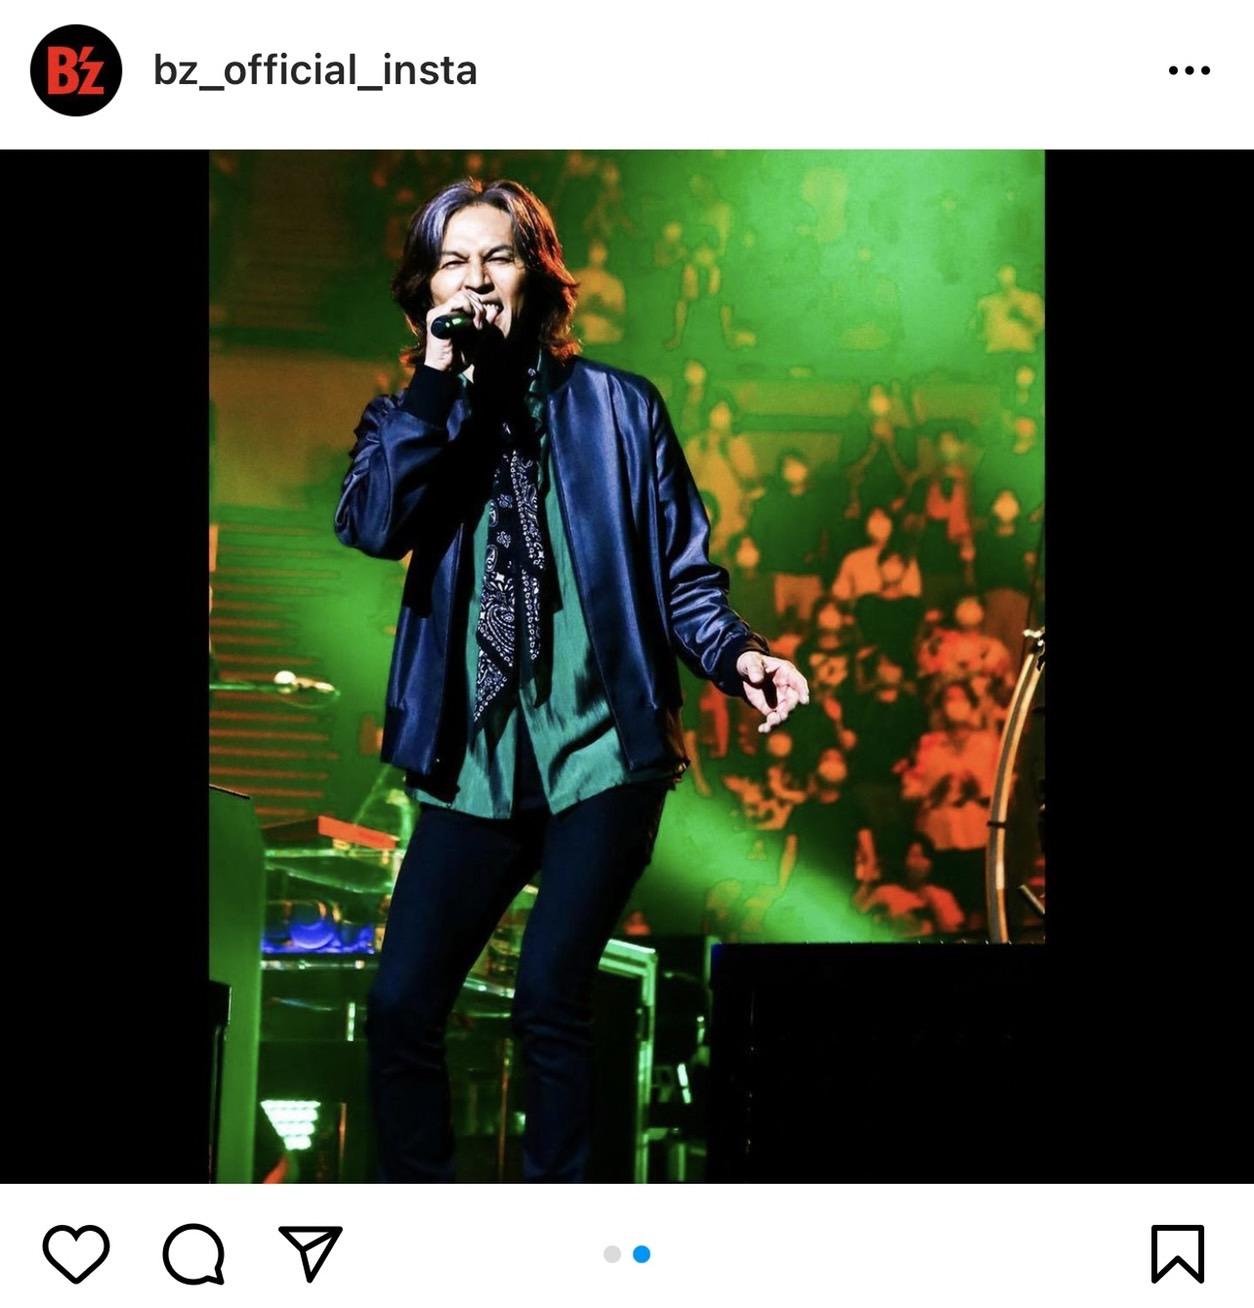 B'z公式Instagramに投稿された『B'z presents UNITE #01』大阪公演のステージ写真(ヴォーカル・稲葉浩志)